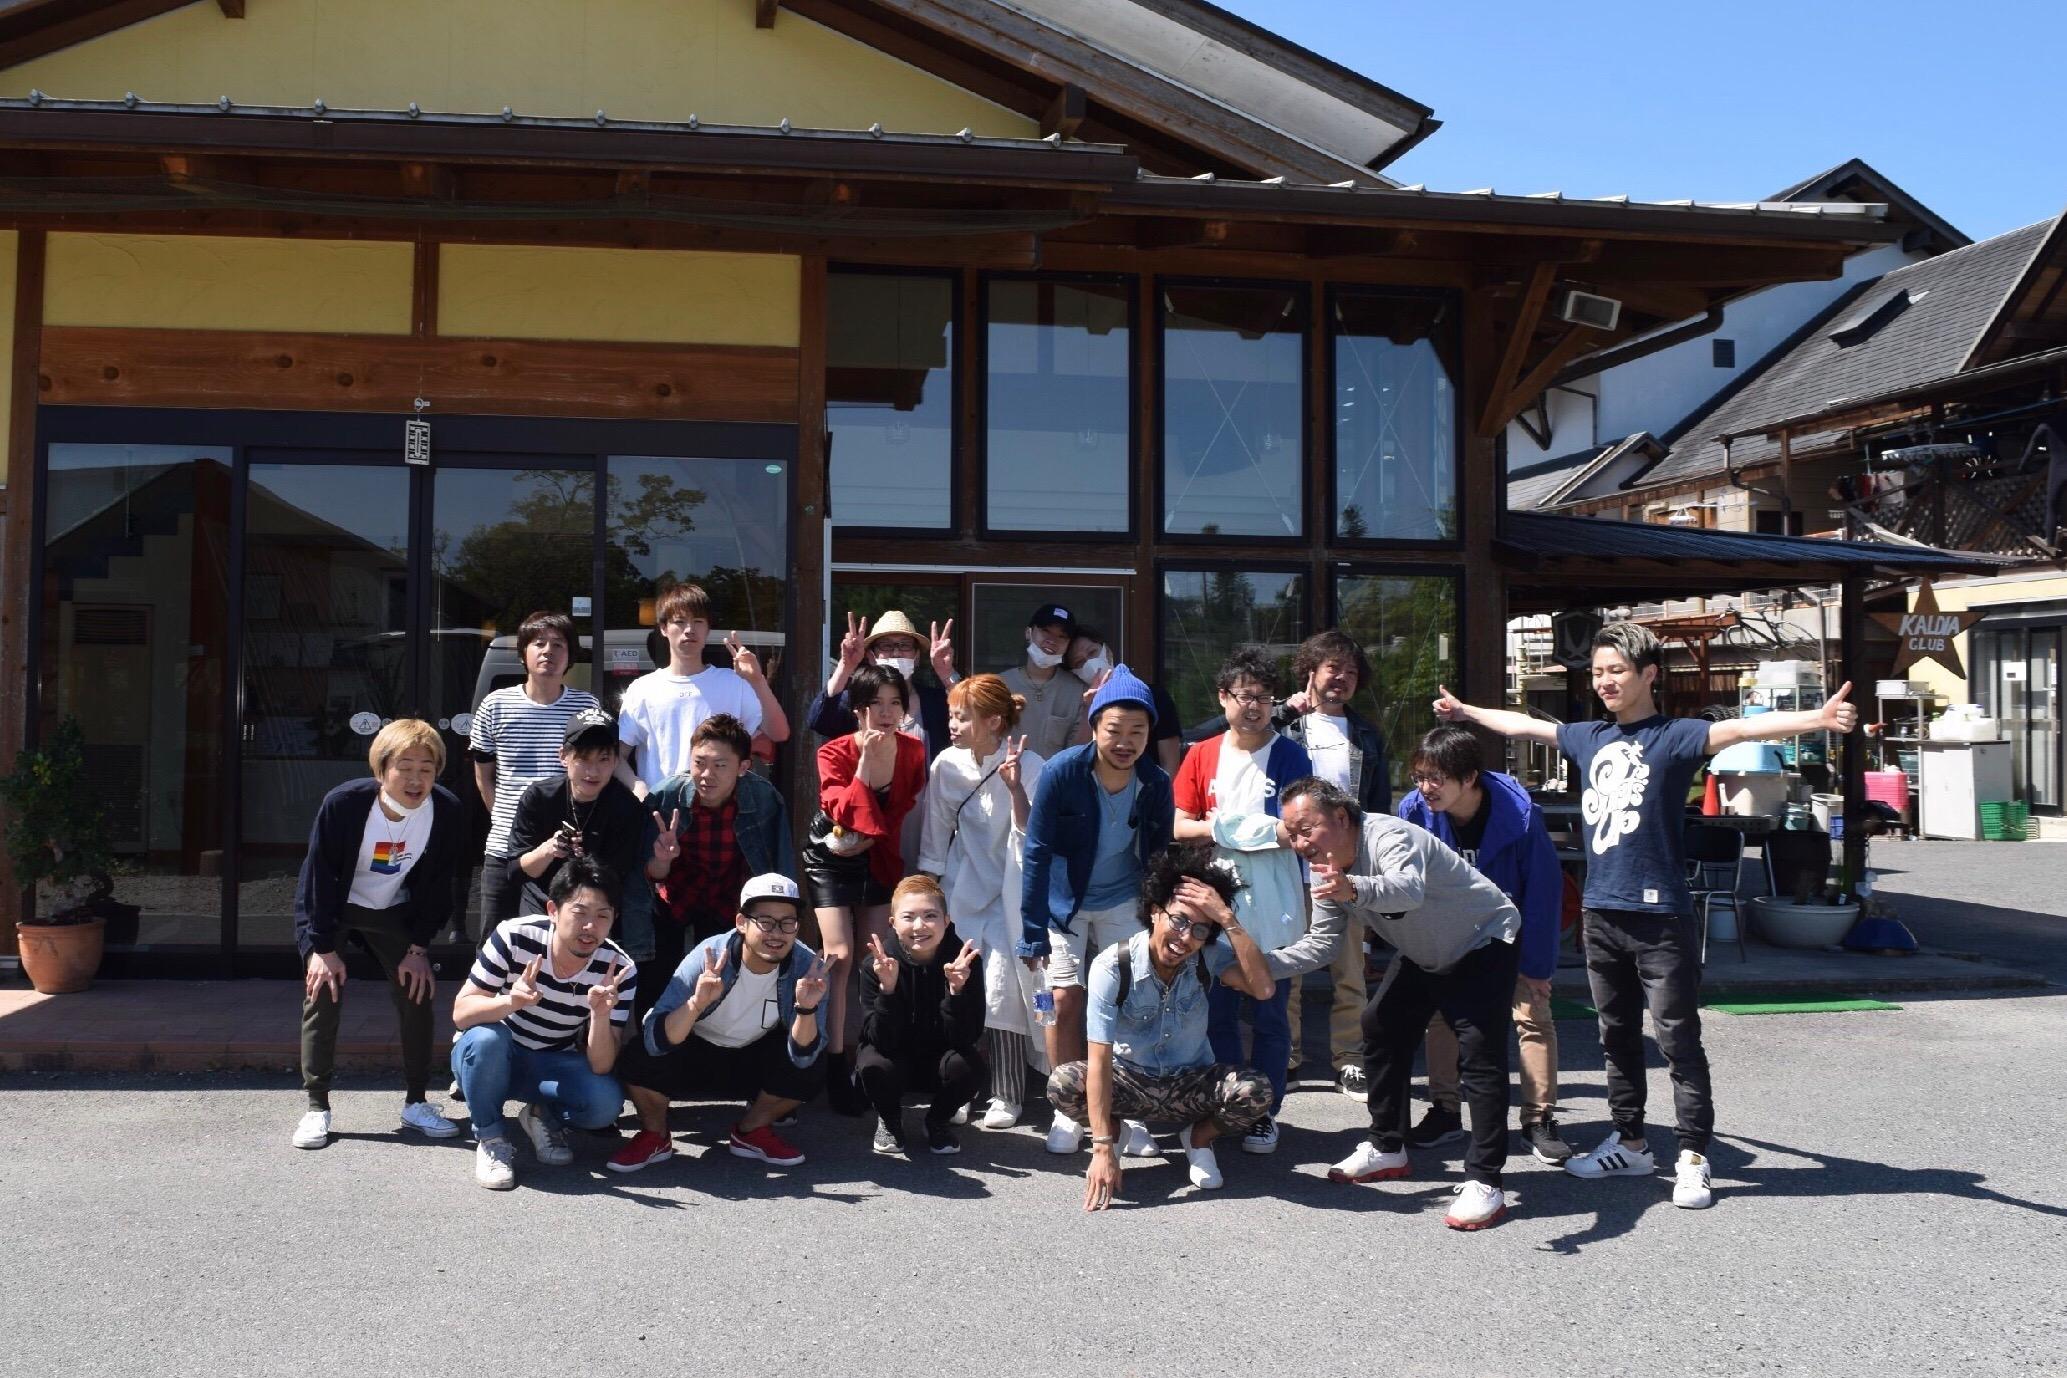 奈良のカルディアキャンプ場のコテージ前で集合写真